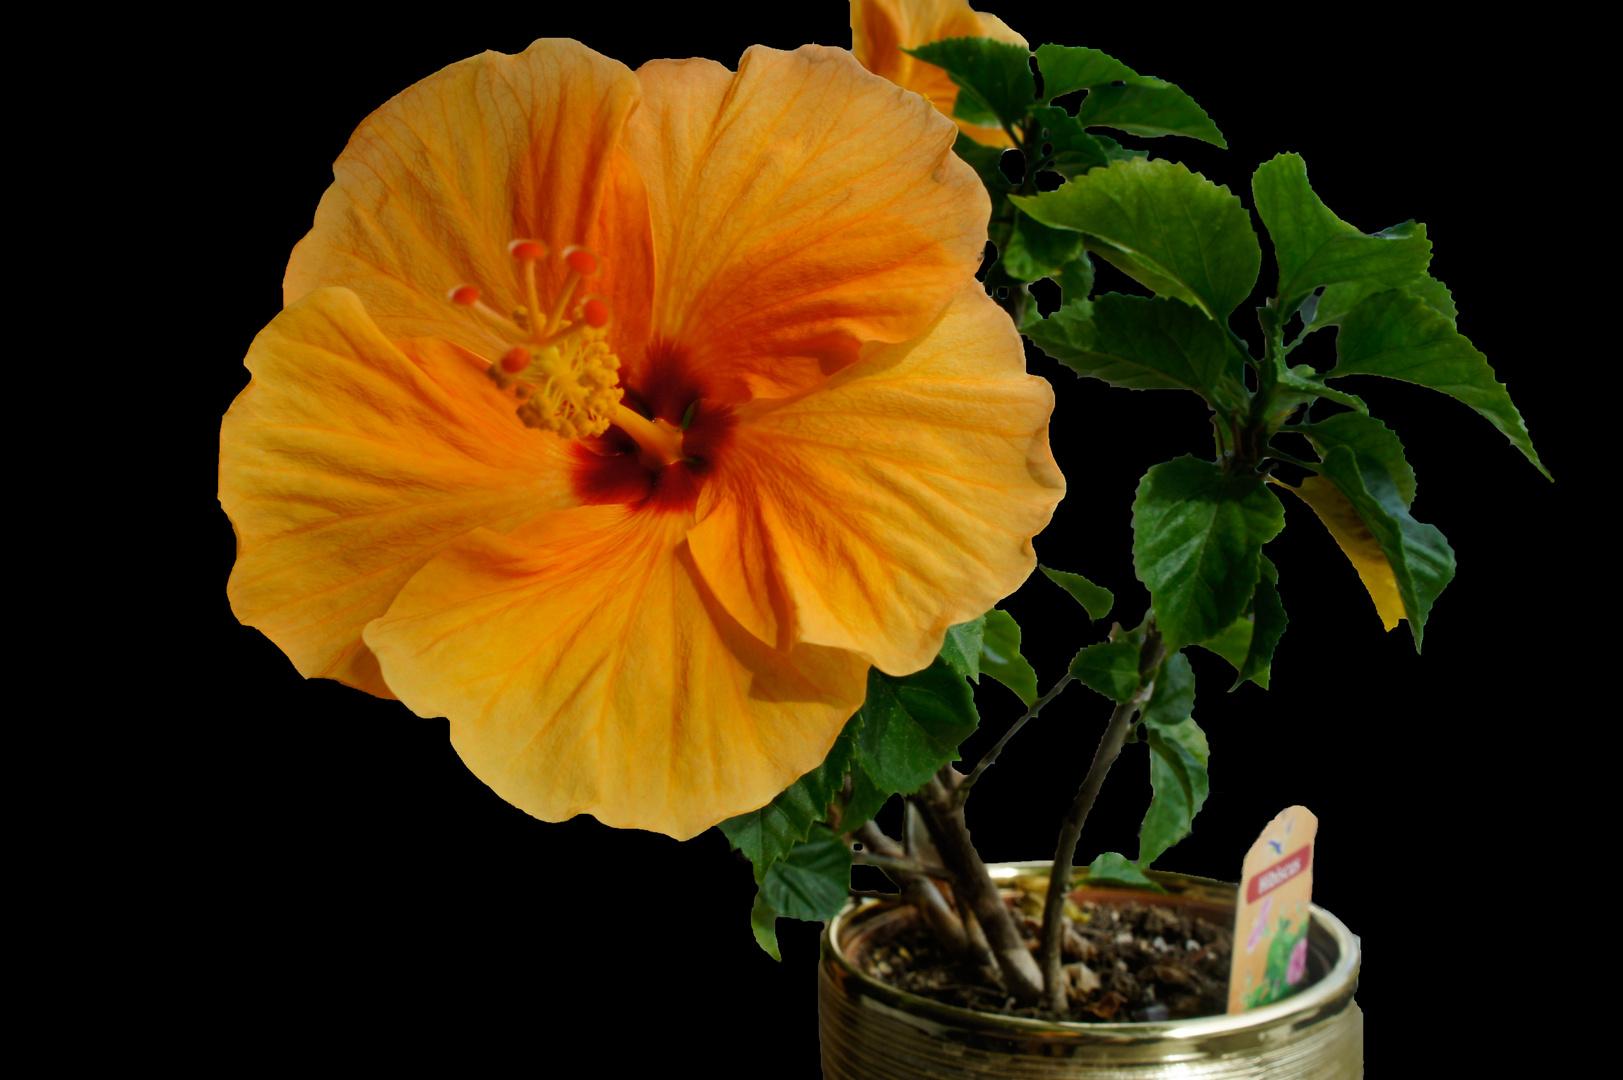 Wunderschöne Pflanze *-*